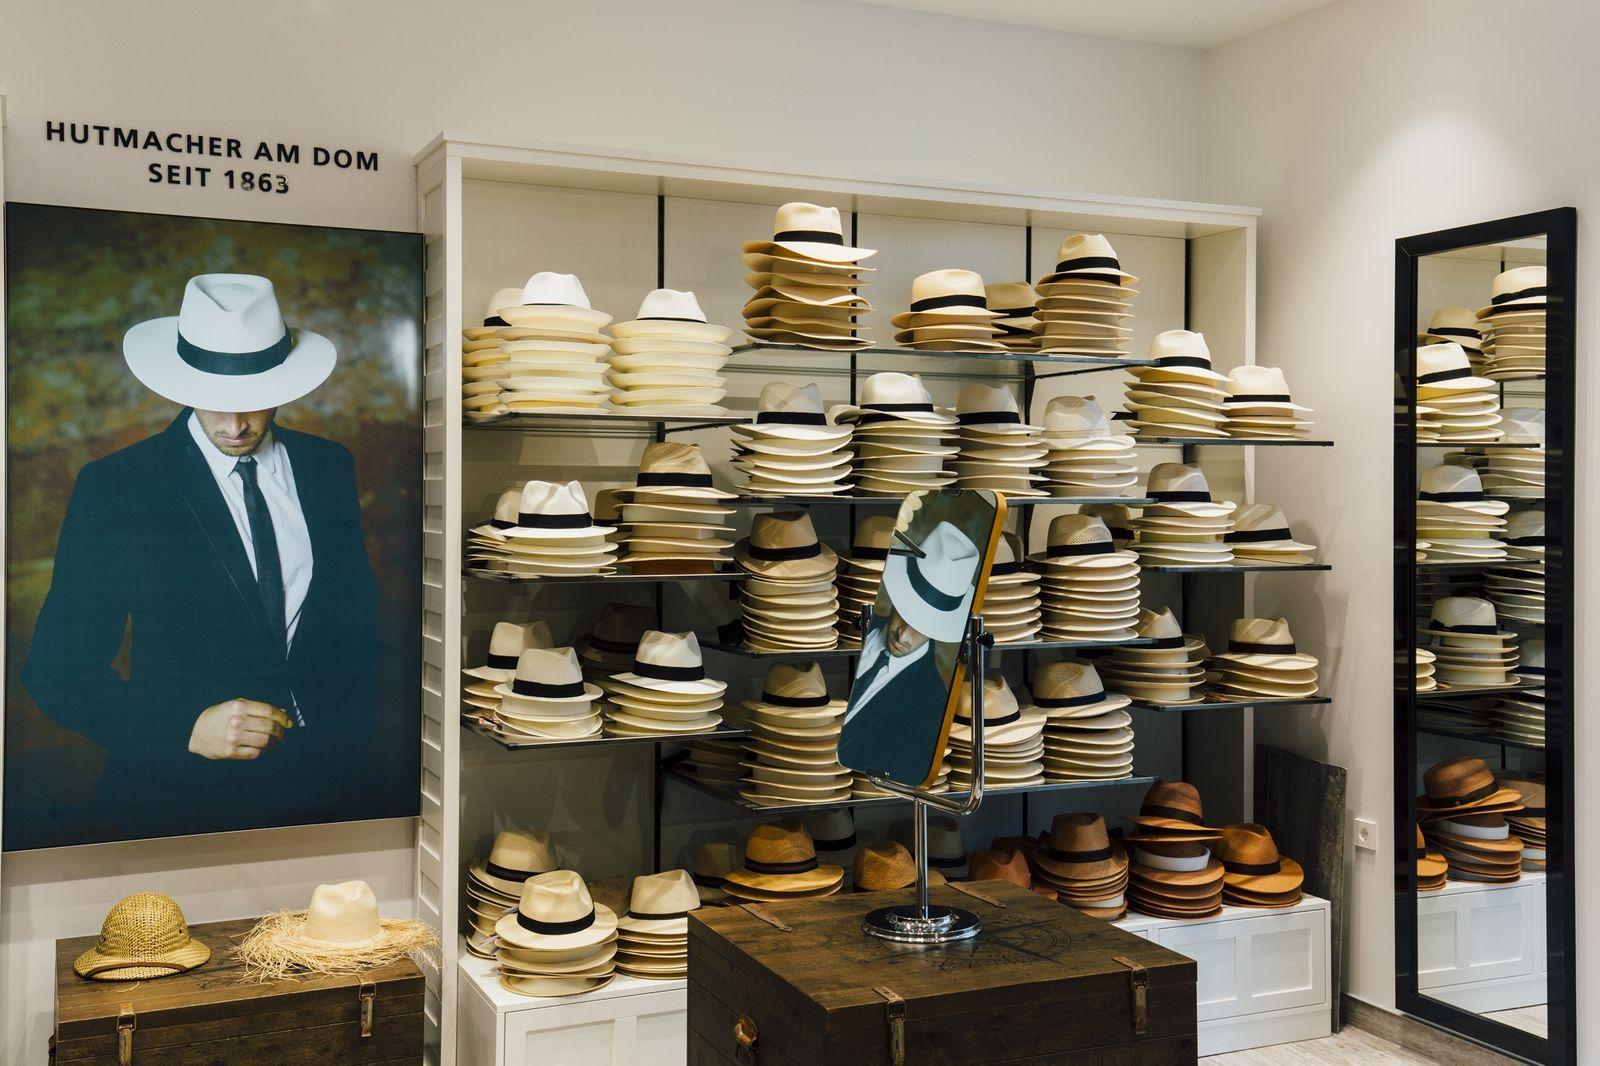 Hut und Mode BREITER in München (Bild 4)